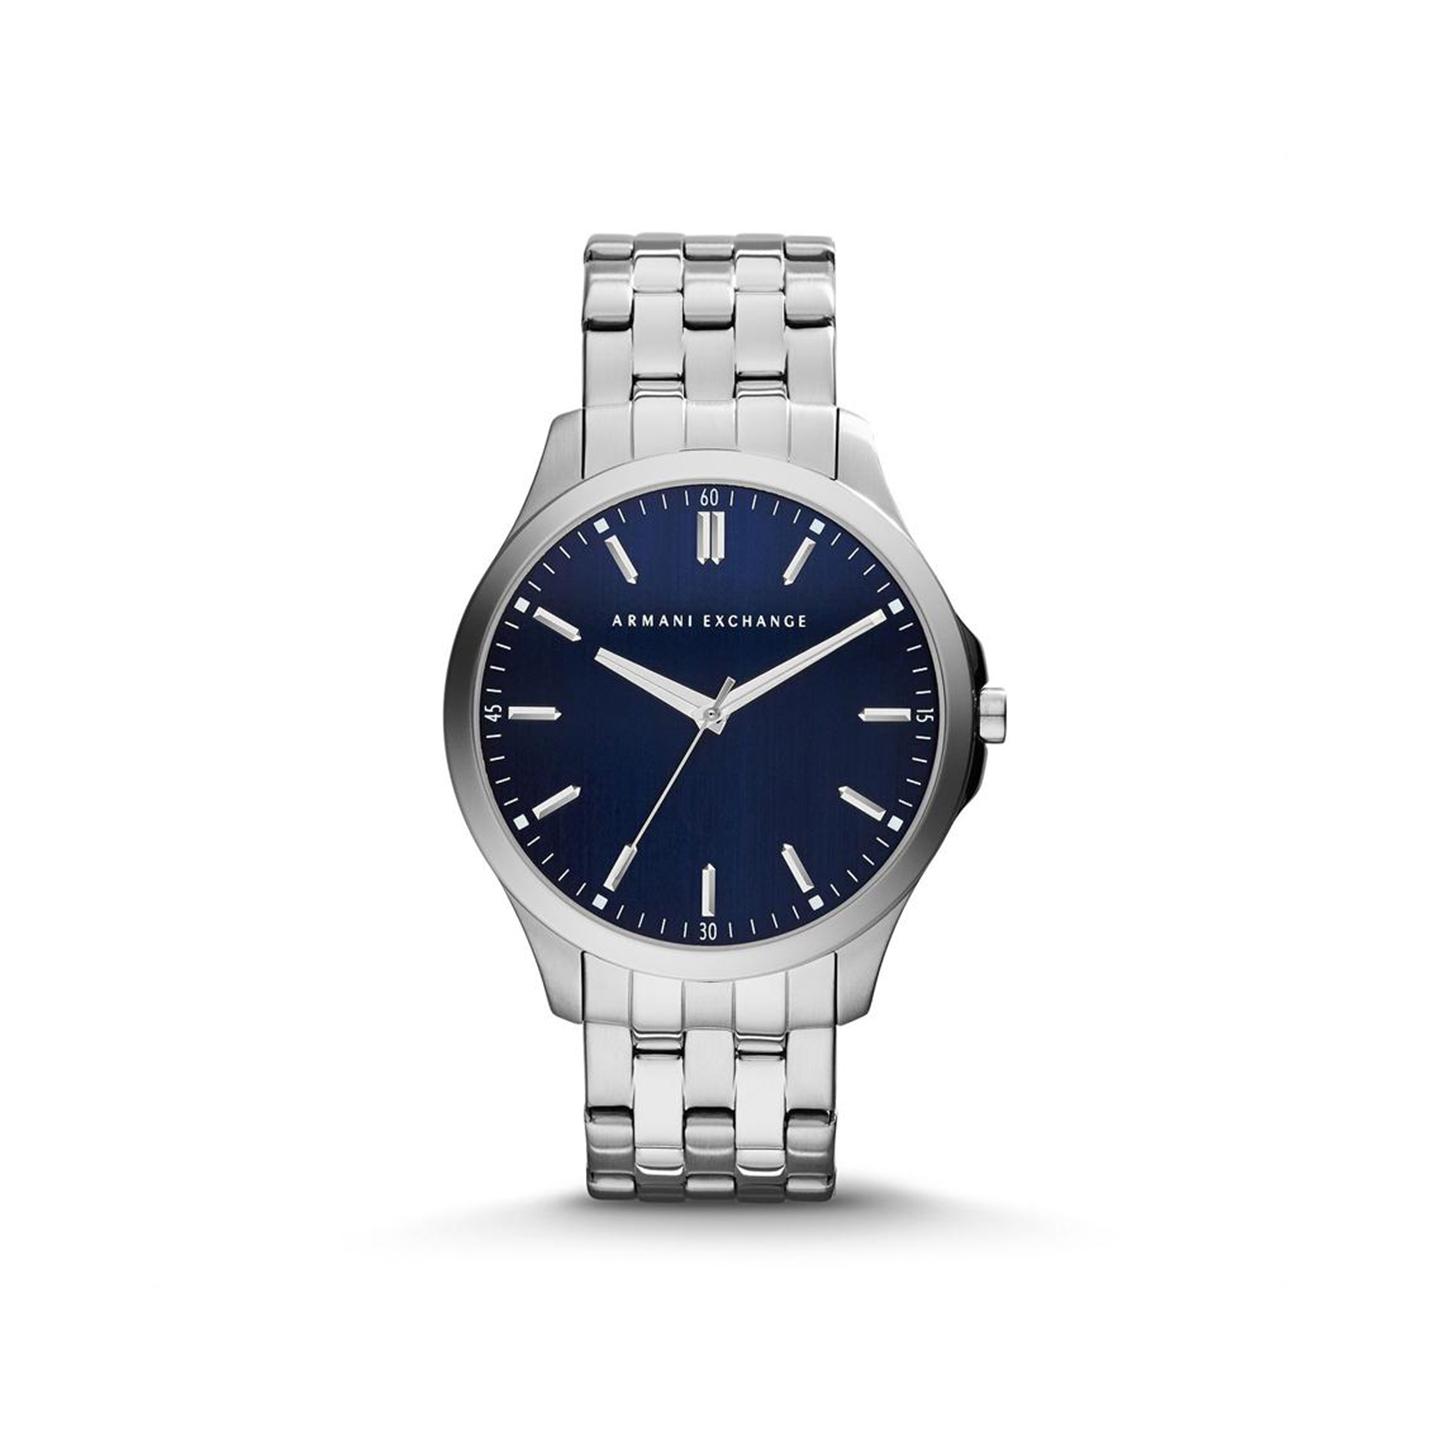 美國百分百【Armani Exchange】配件 AX 手錶 時尚 風格 腕錶 金屬 大錶面 阿曼尼 不鏽鋼 E342